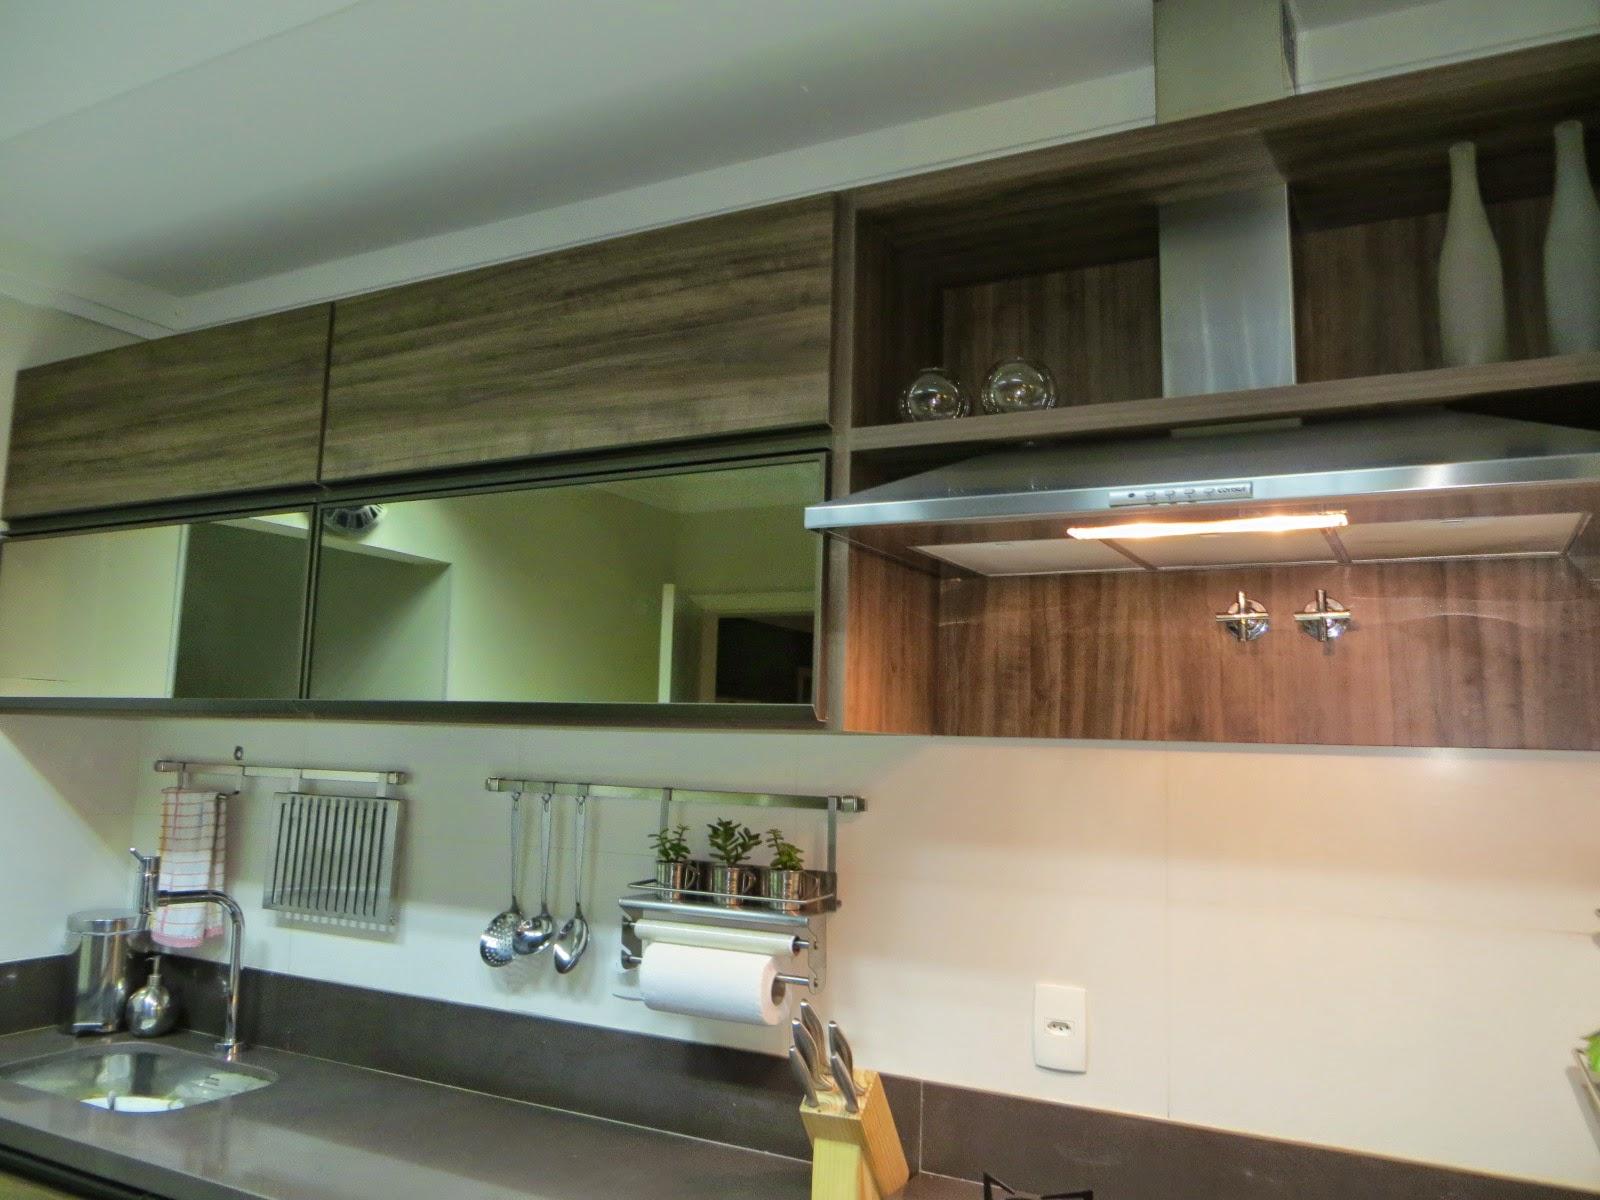 Mesas de Bilhar: Cozinha e área de churrasqueira integradas  #8B6A40 1600 1200